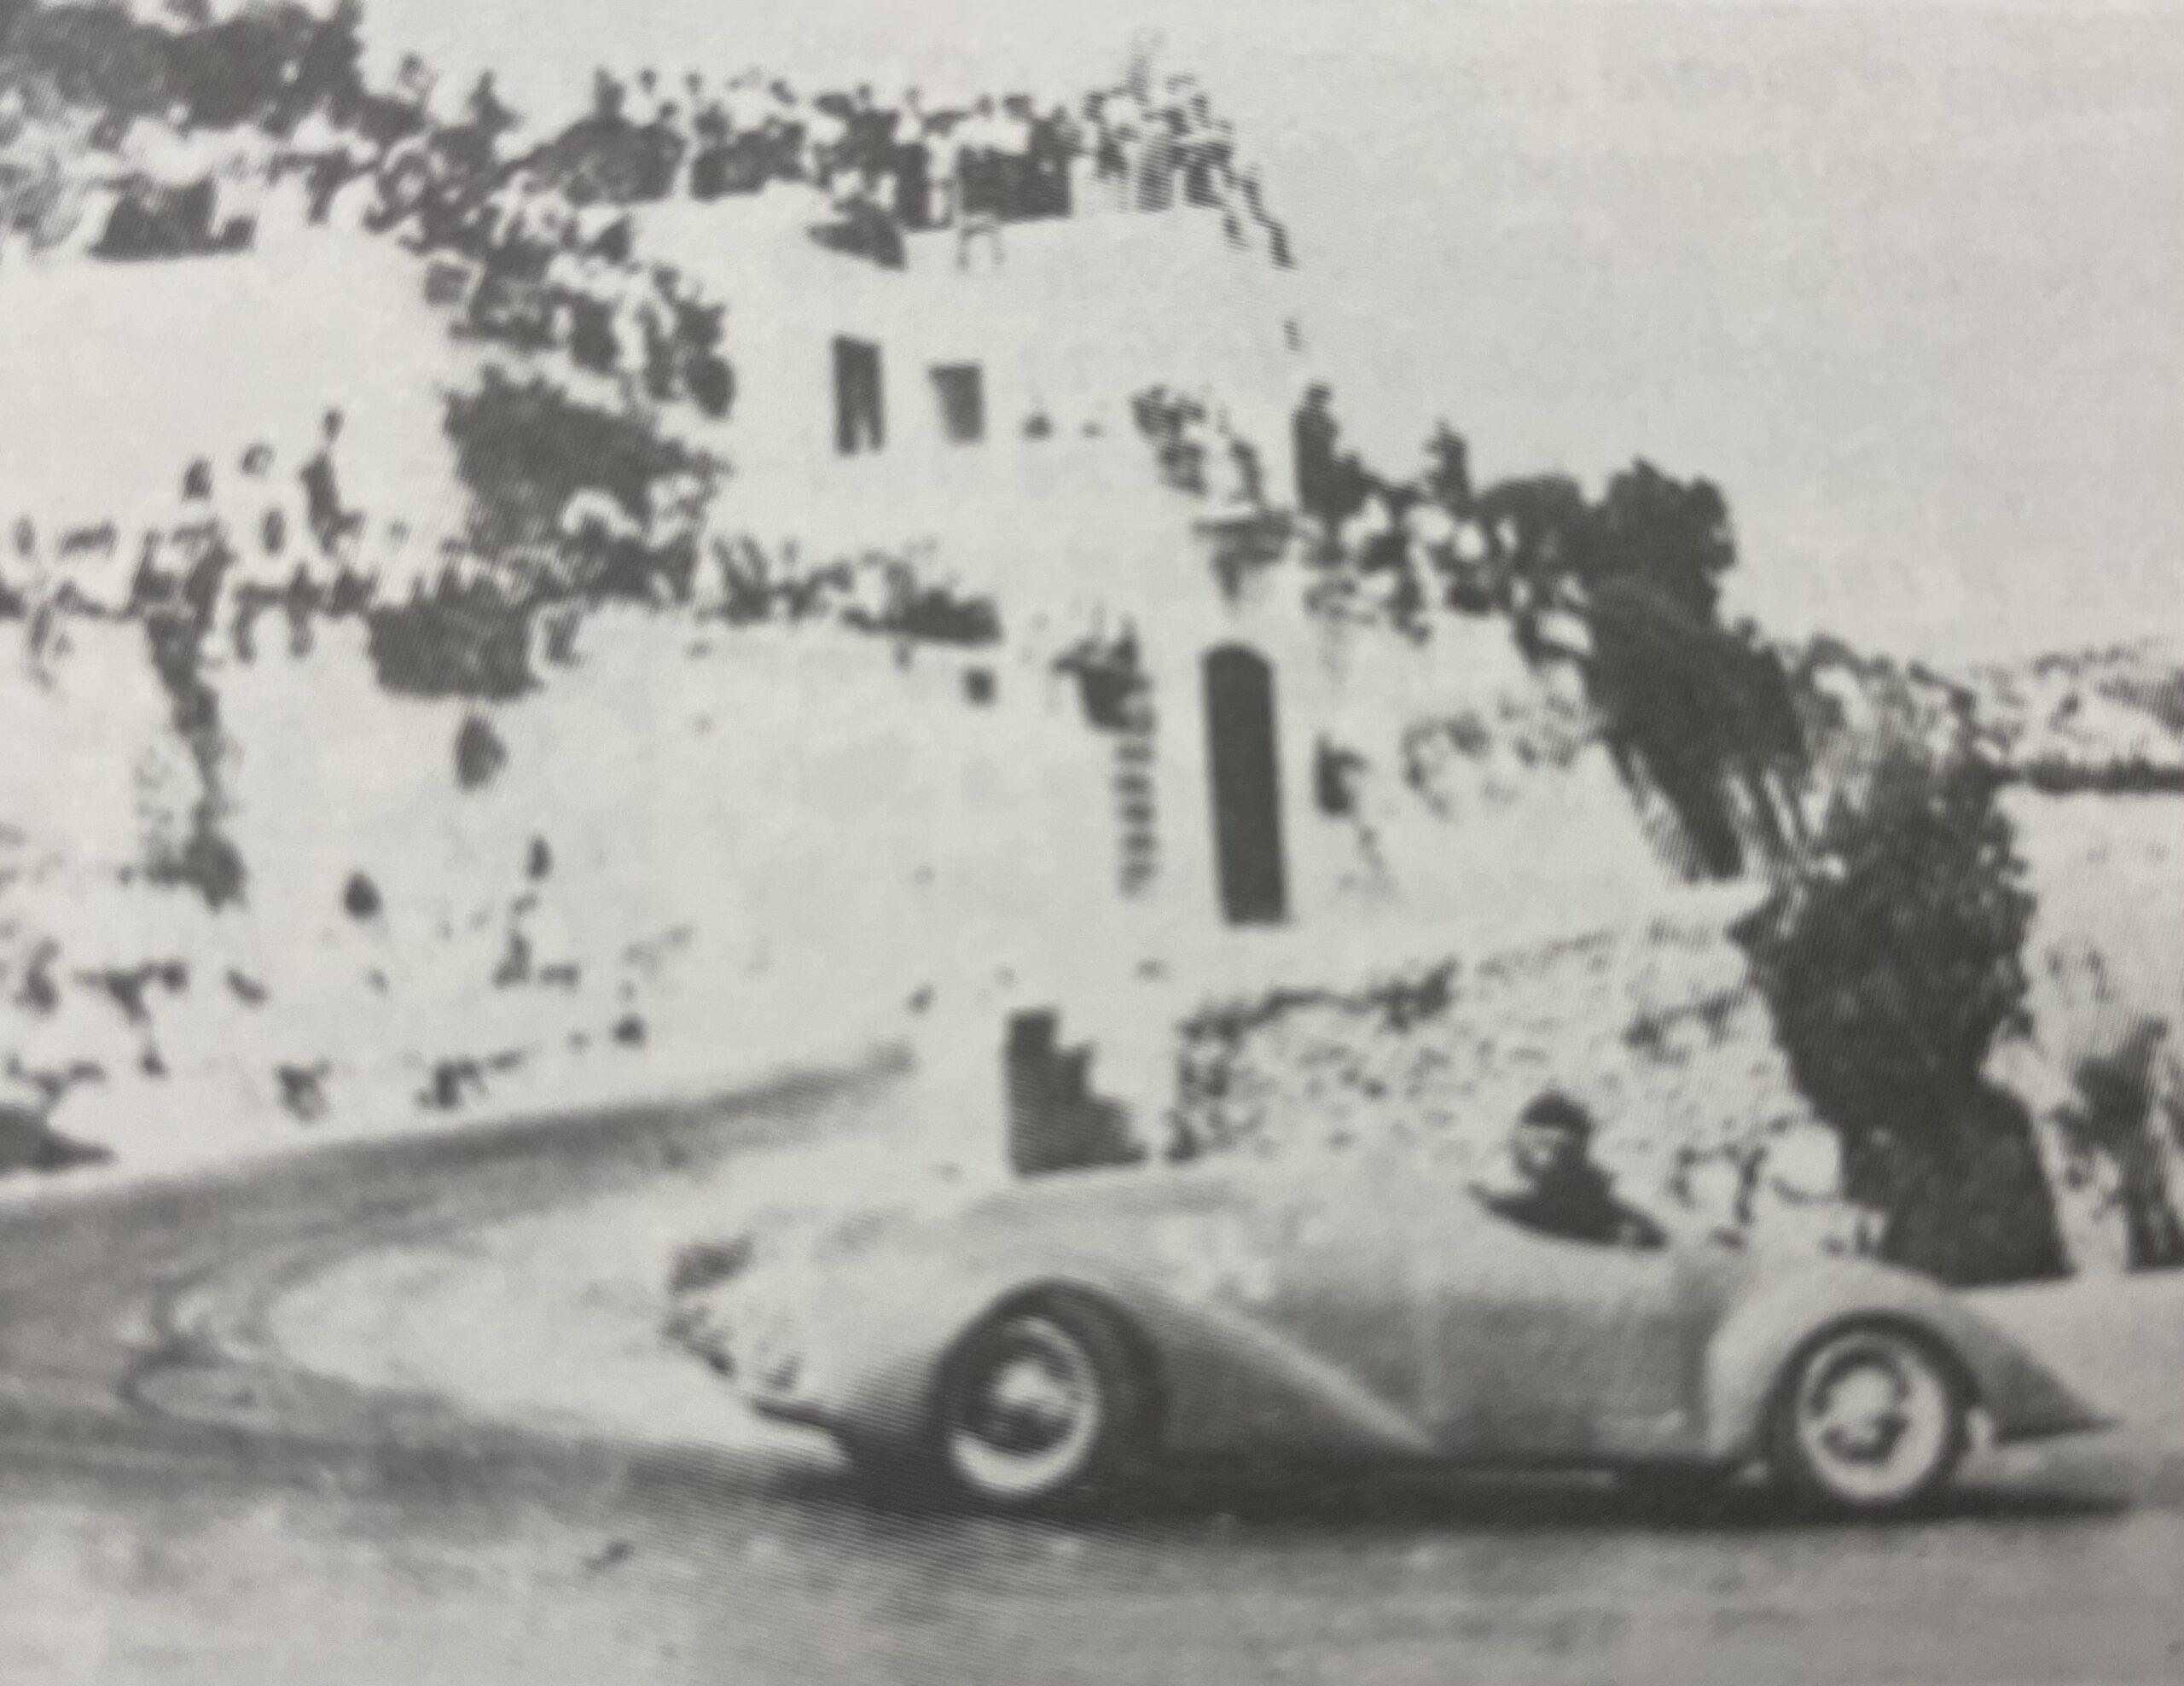 Storia dell'automobilismo sportivo in Puglia: la nascita della Coppa Selva di Fasano